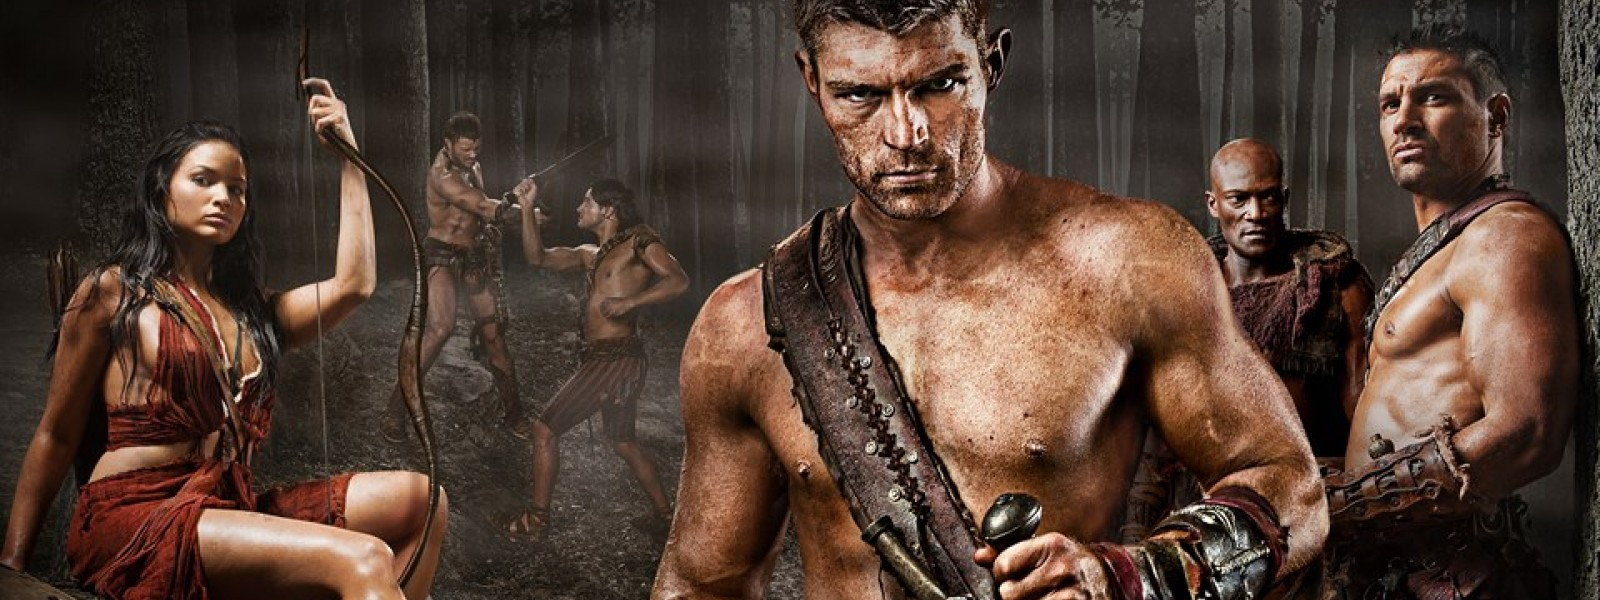 Spartacus photos pics 8